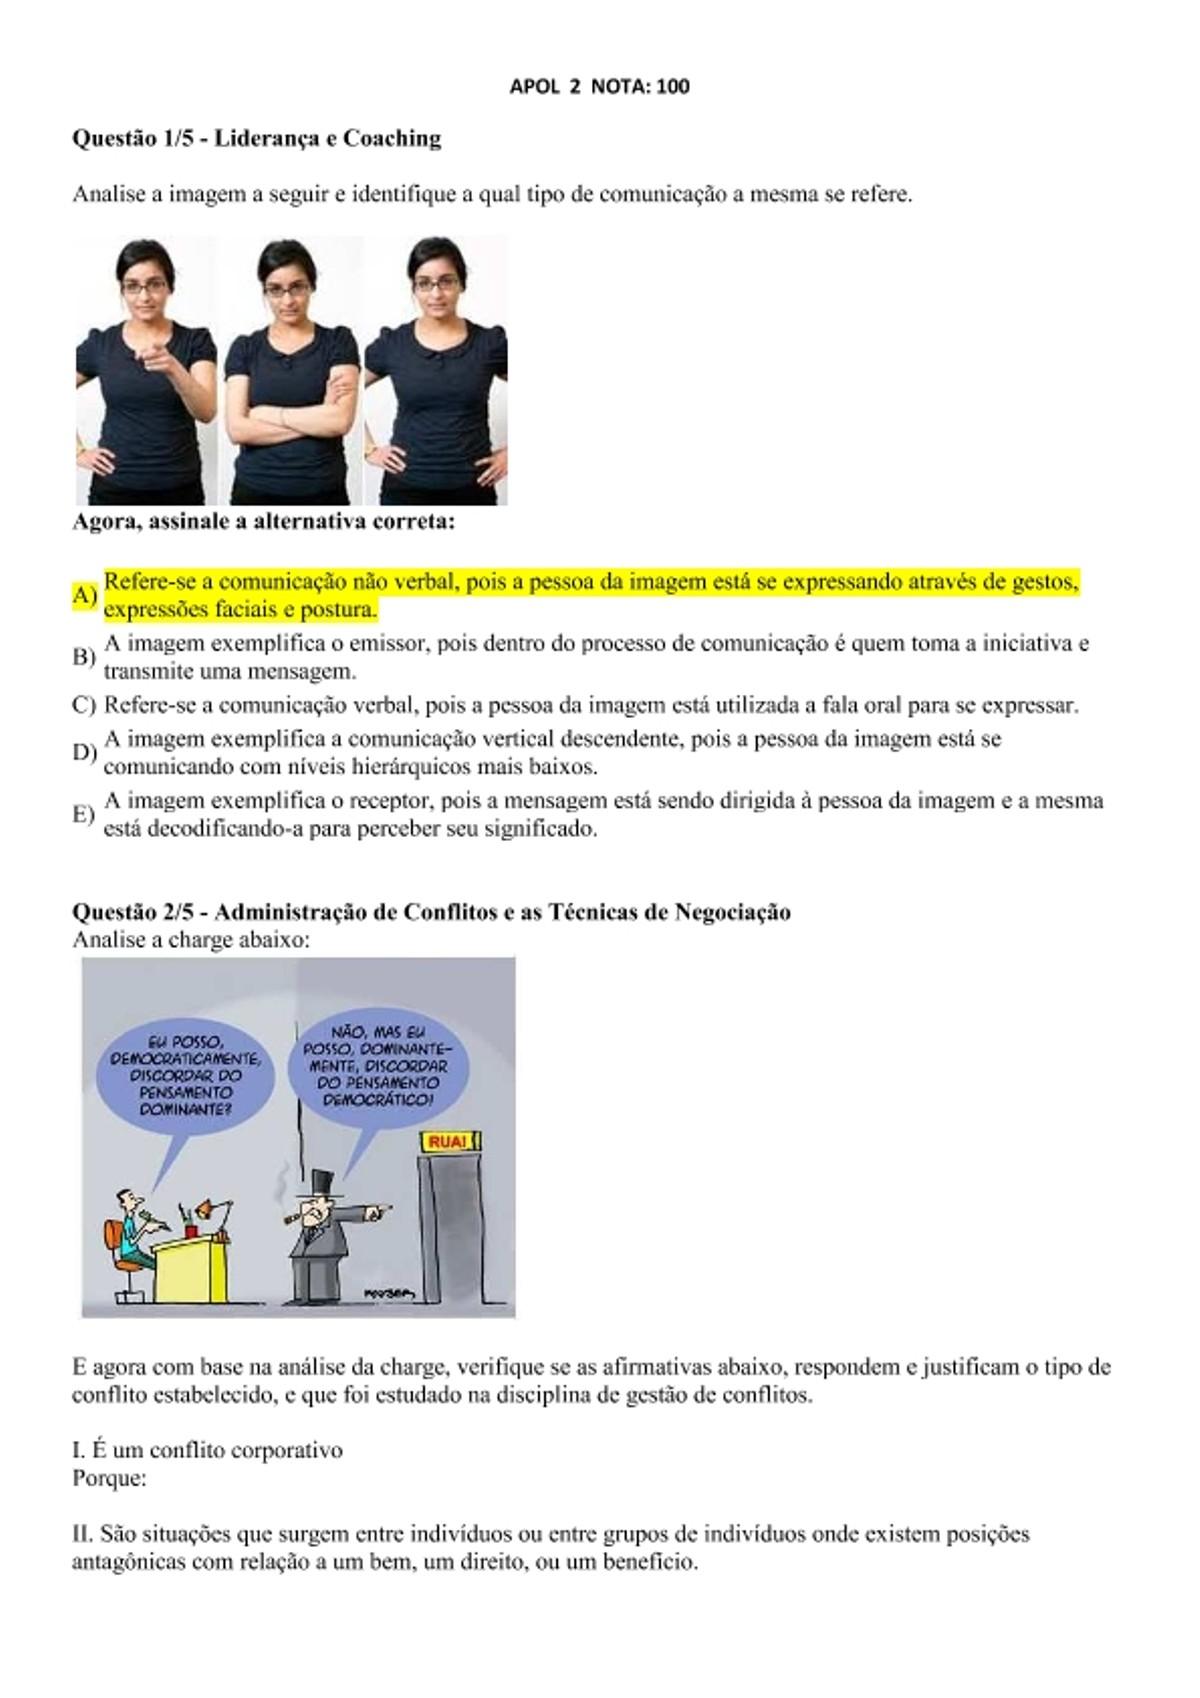 Pre-visualização do material APOL  2 ADM DE CONFLITOS E LIDERANÇA E COACHING - página 1